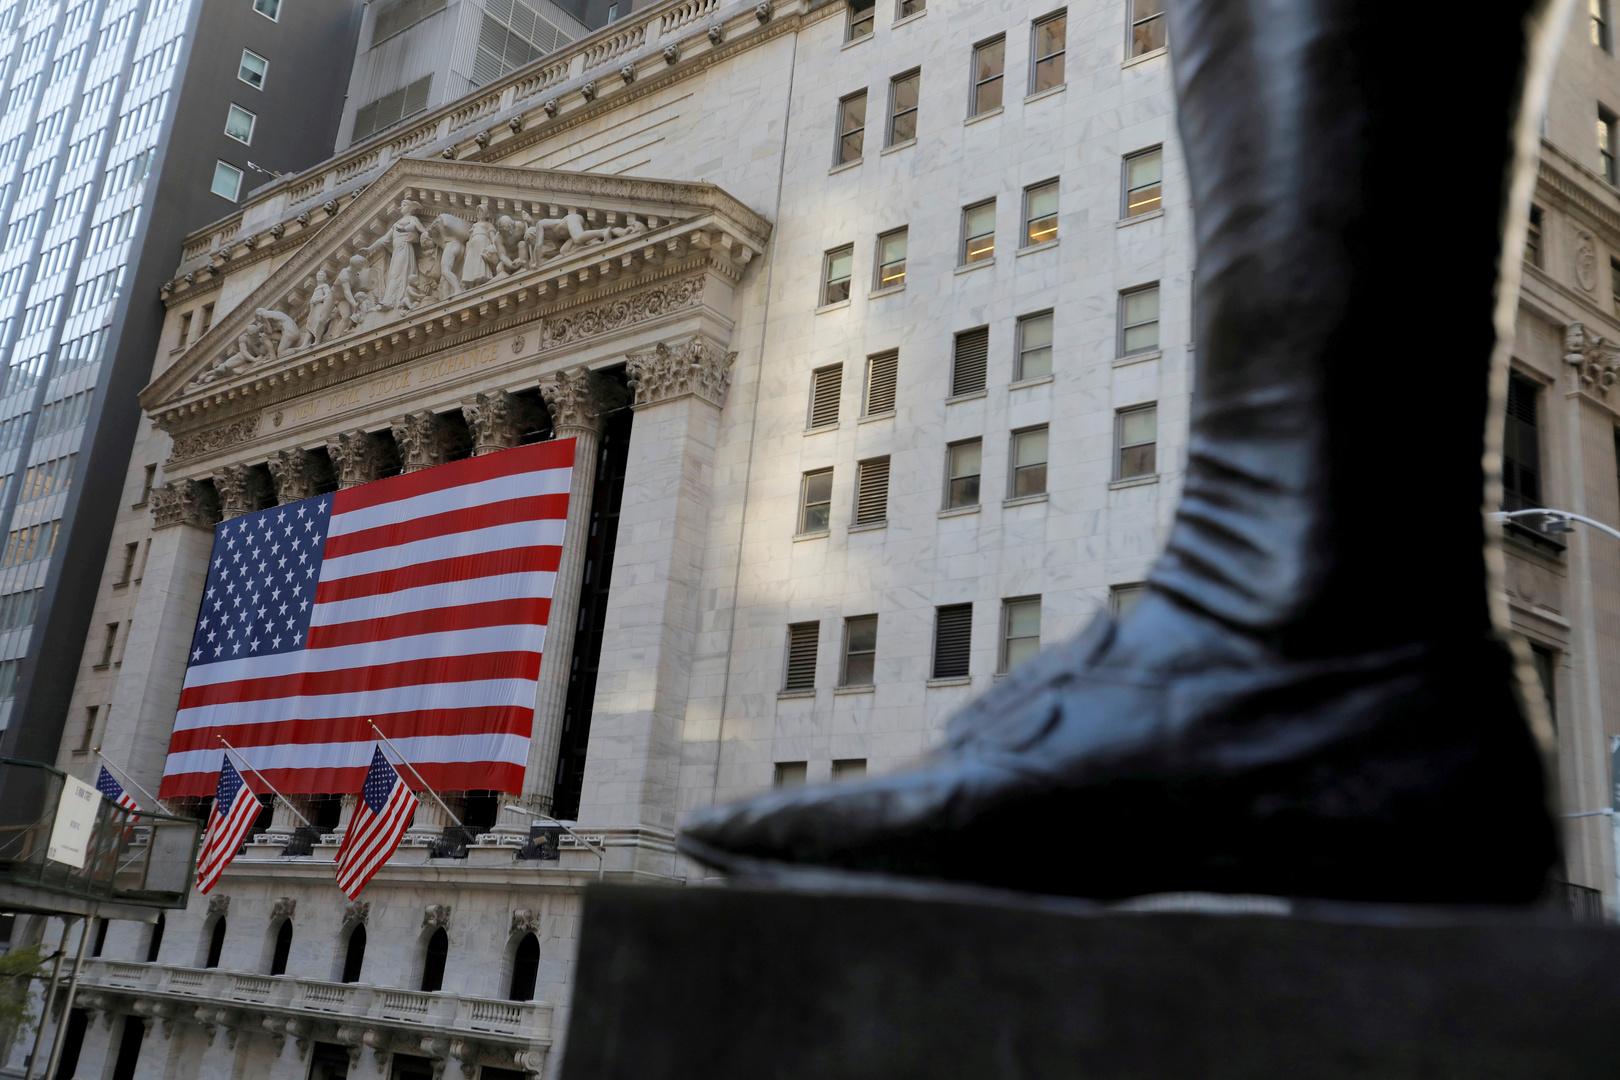 بورصة نيويورك تبدأ إلغاء إدراج 3 شركات اتصالات صينية